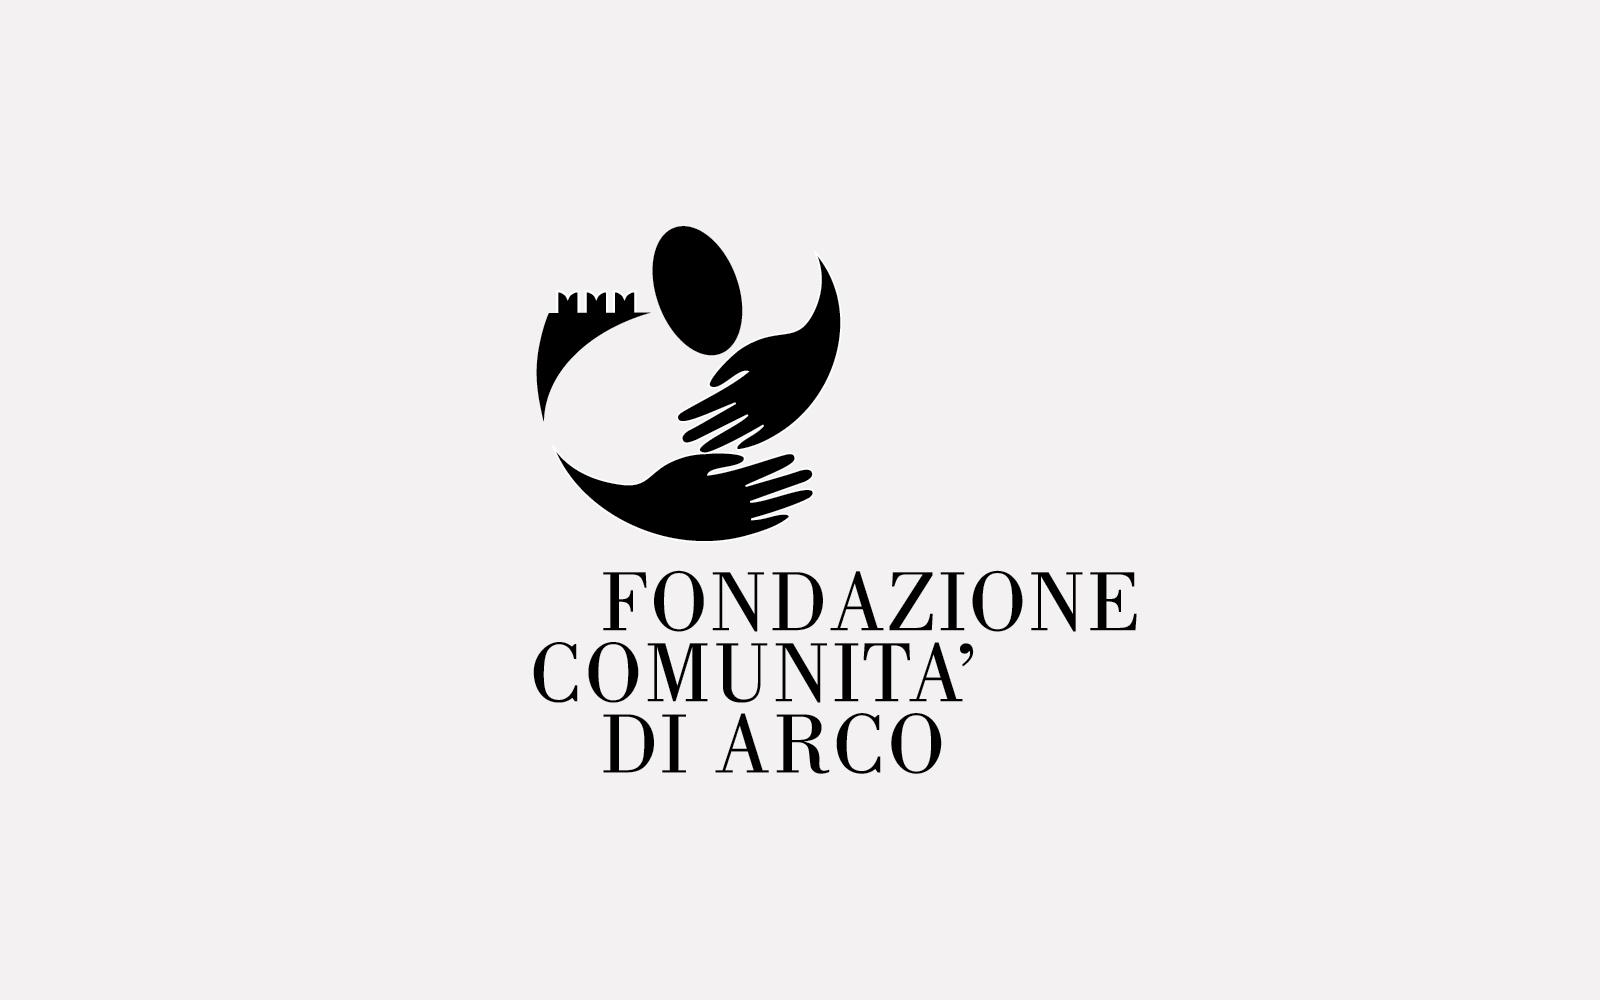 progetto del logo per fondazione comunità di arco, creato da diadestudio agenzia grafica arco trento